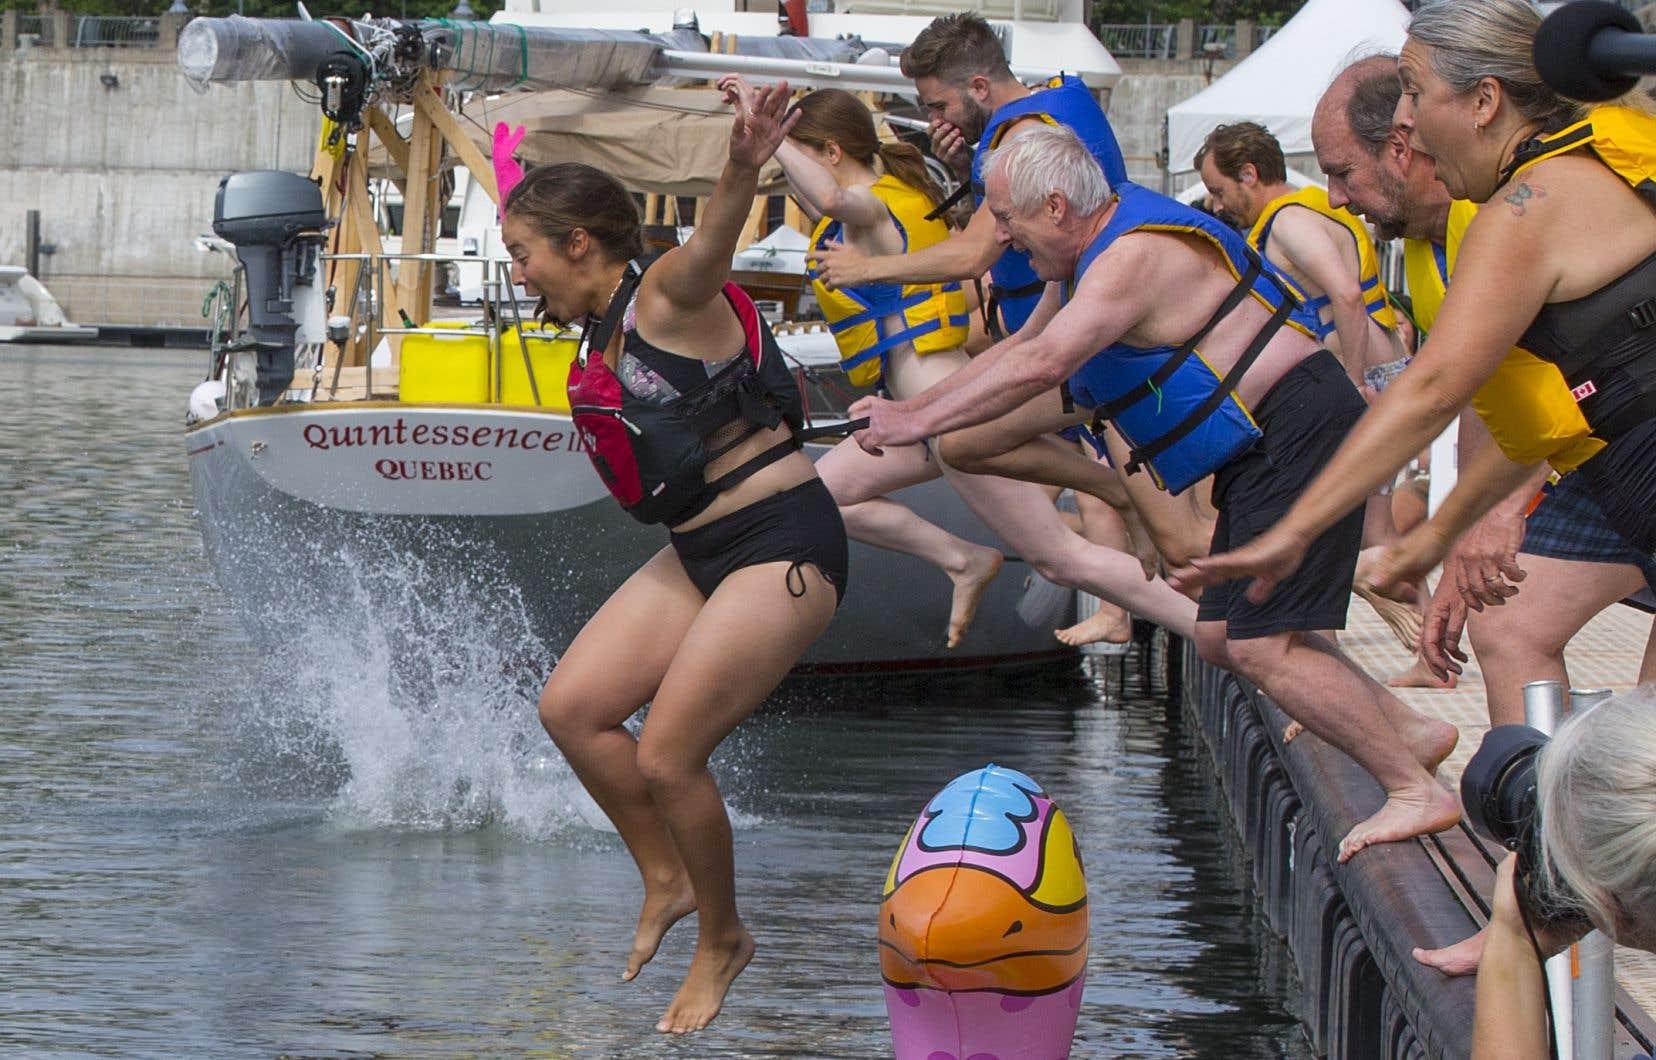 Pour la 15e année, quelques dizaines de personnes ont fait un «Grand Splash» dans les eaux du Vieux-Port de Montréal, normalement interdites à la baignade.